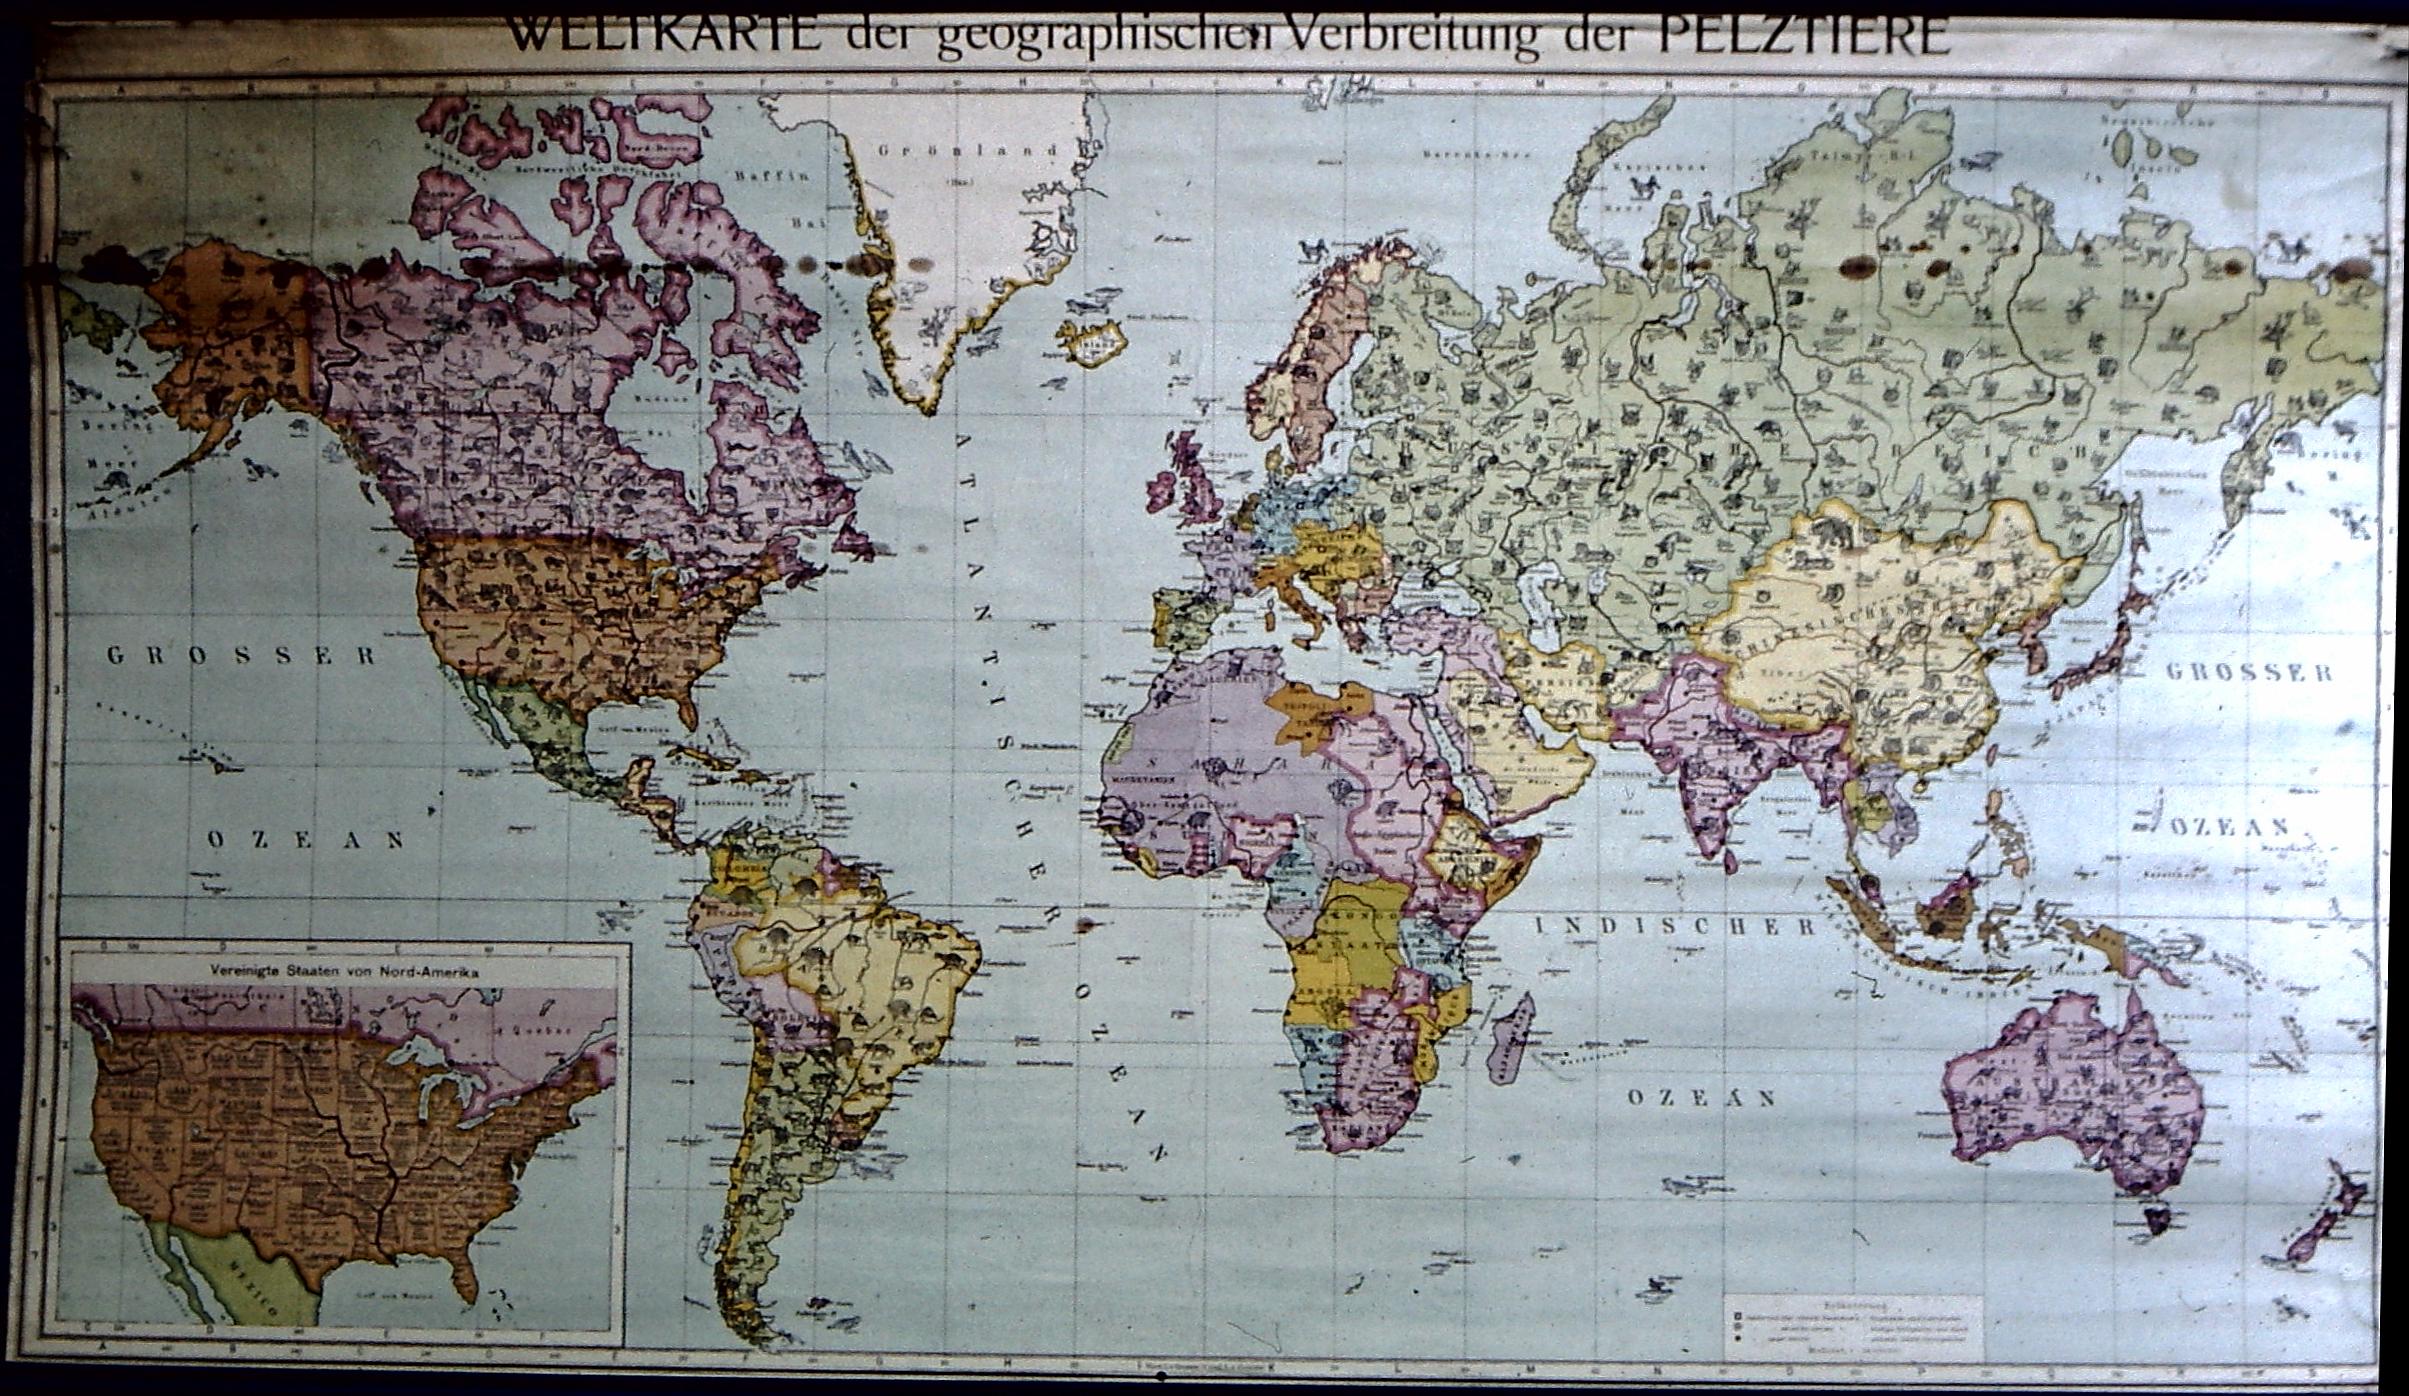 weltkarte 1900 File:Weltkarte der Pelztiere, gesamt 1.   Wikimedia Commons weltkarte 1900